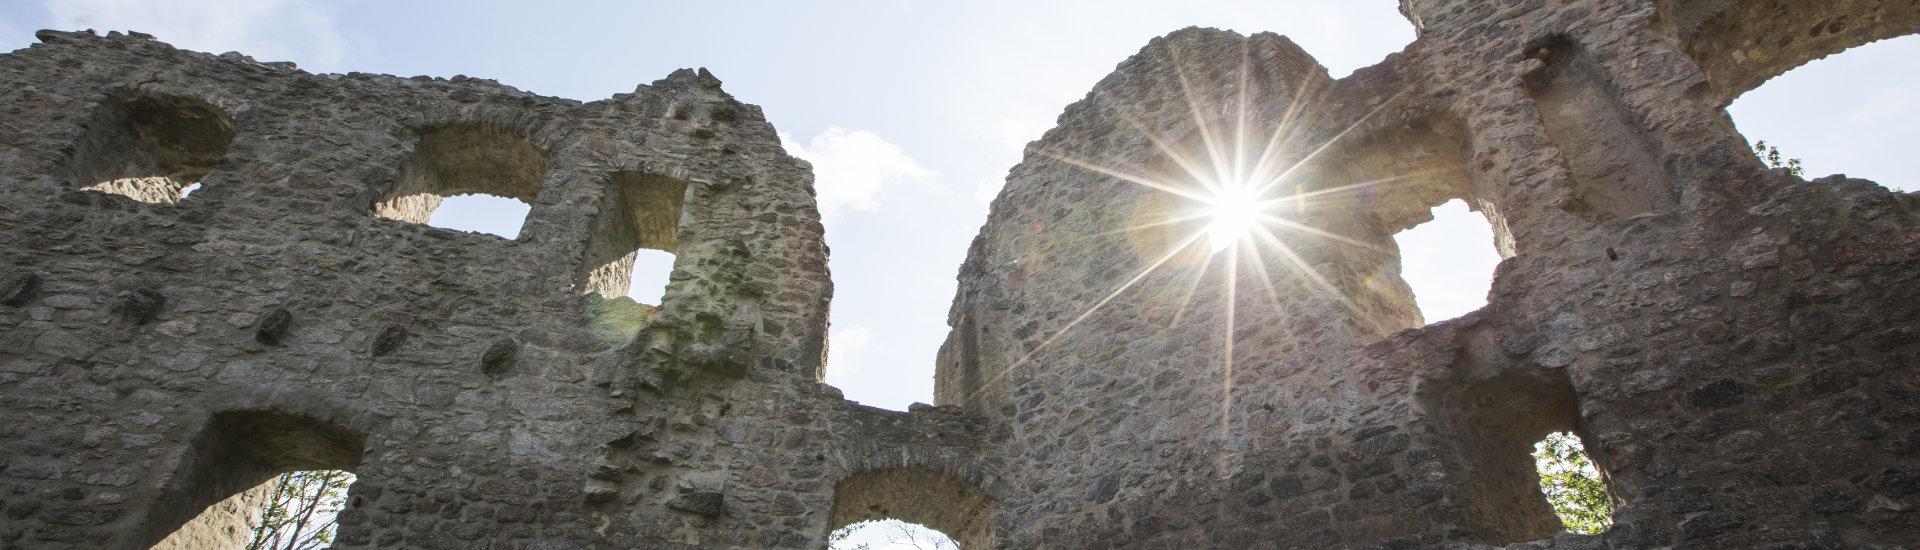 Foto: Burg Neuwindeck in der Abendsonne (Detailaufnahme)